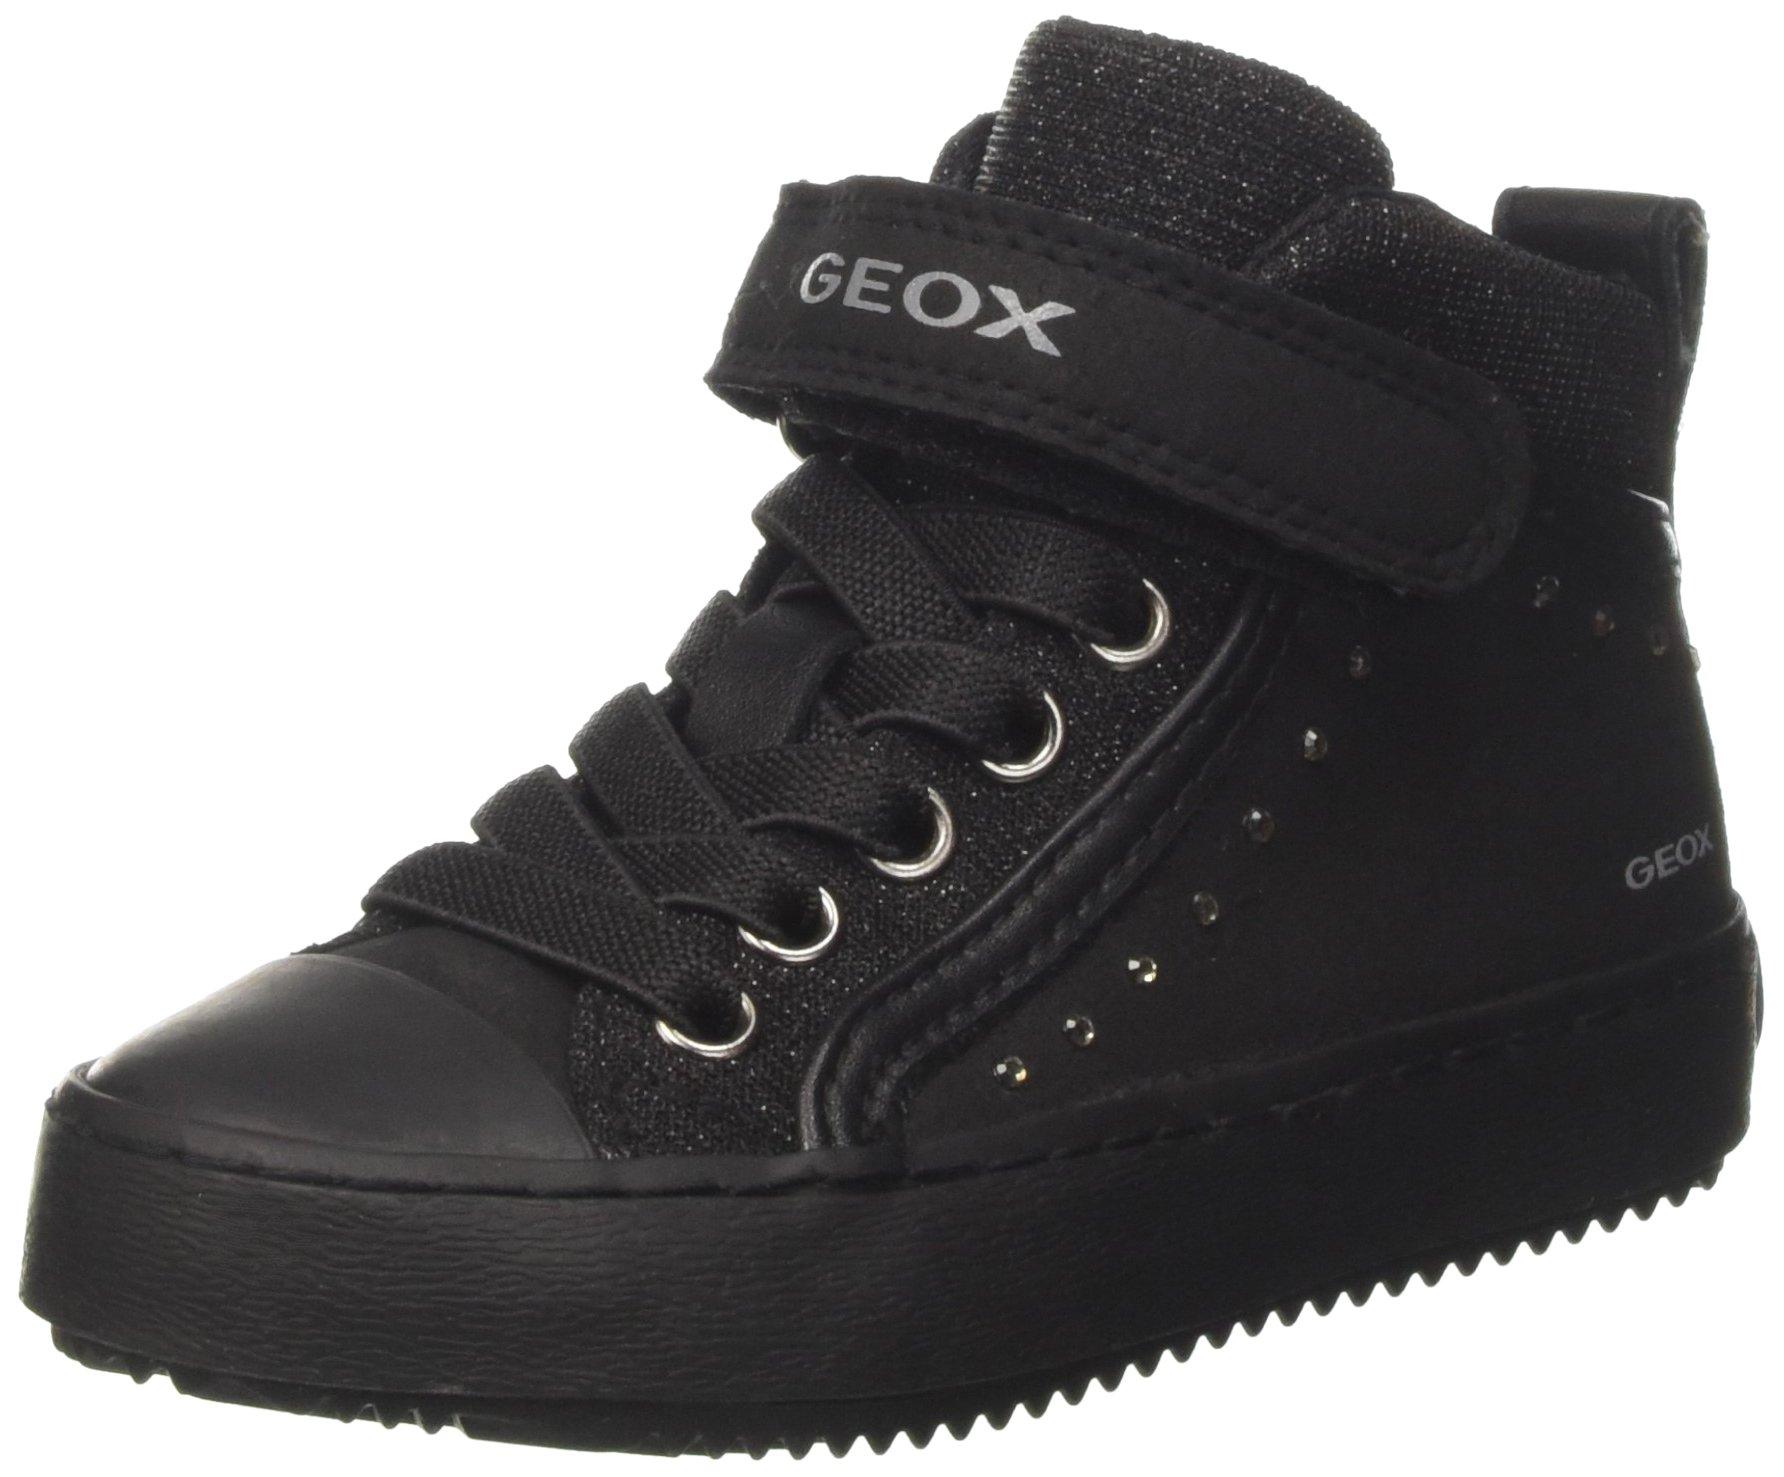 Geox J Kalispera Girl I, Sneaker a Collo Alto Bambina